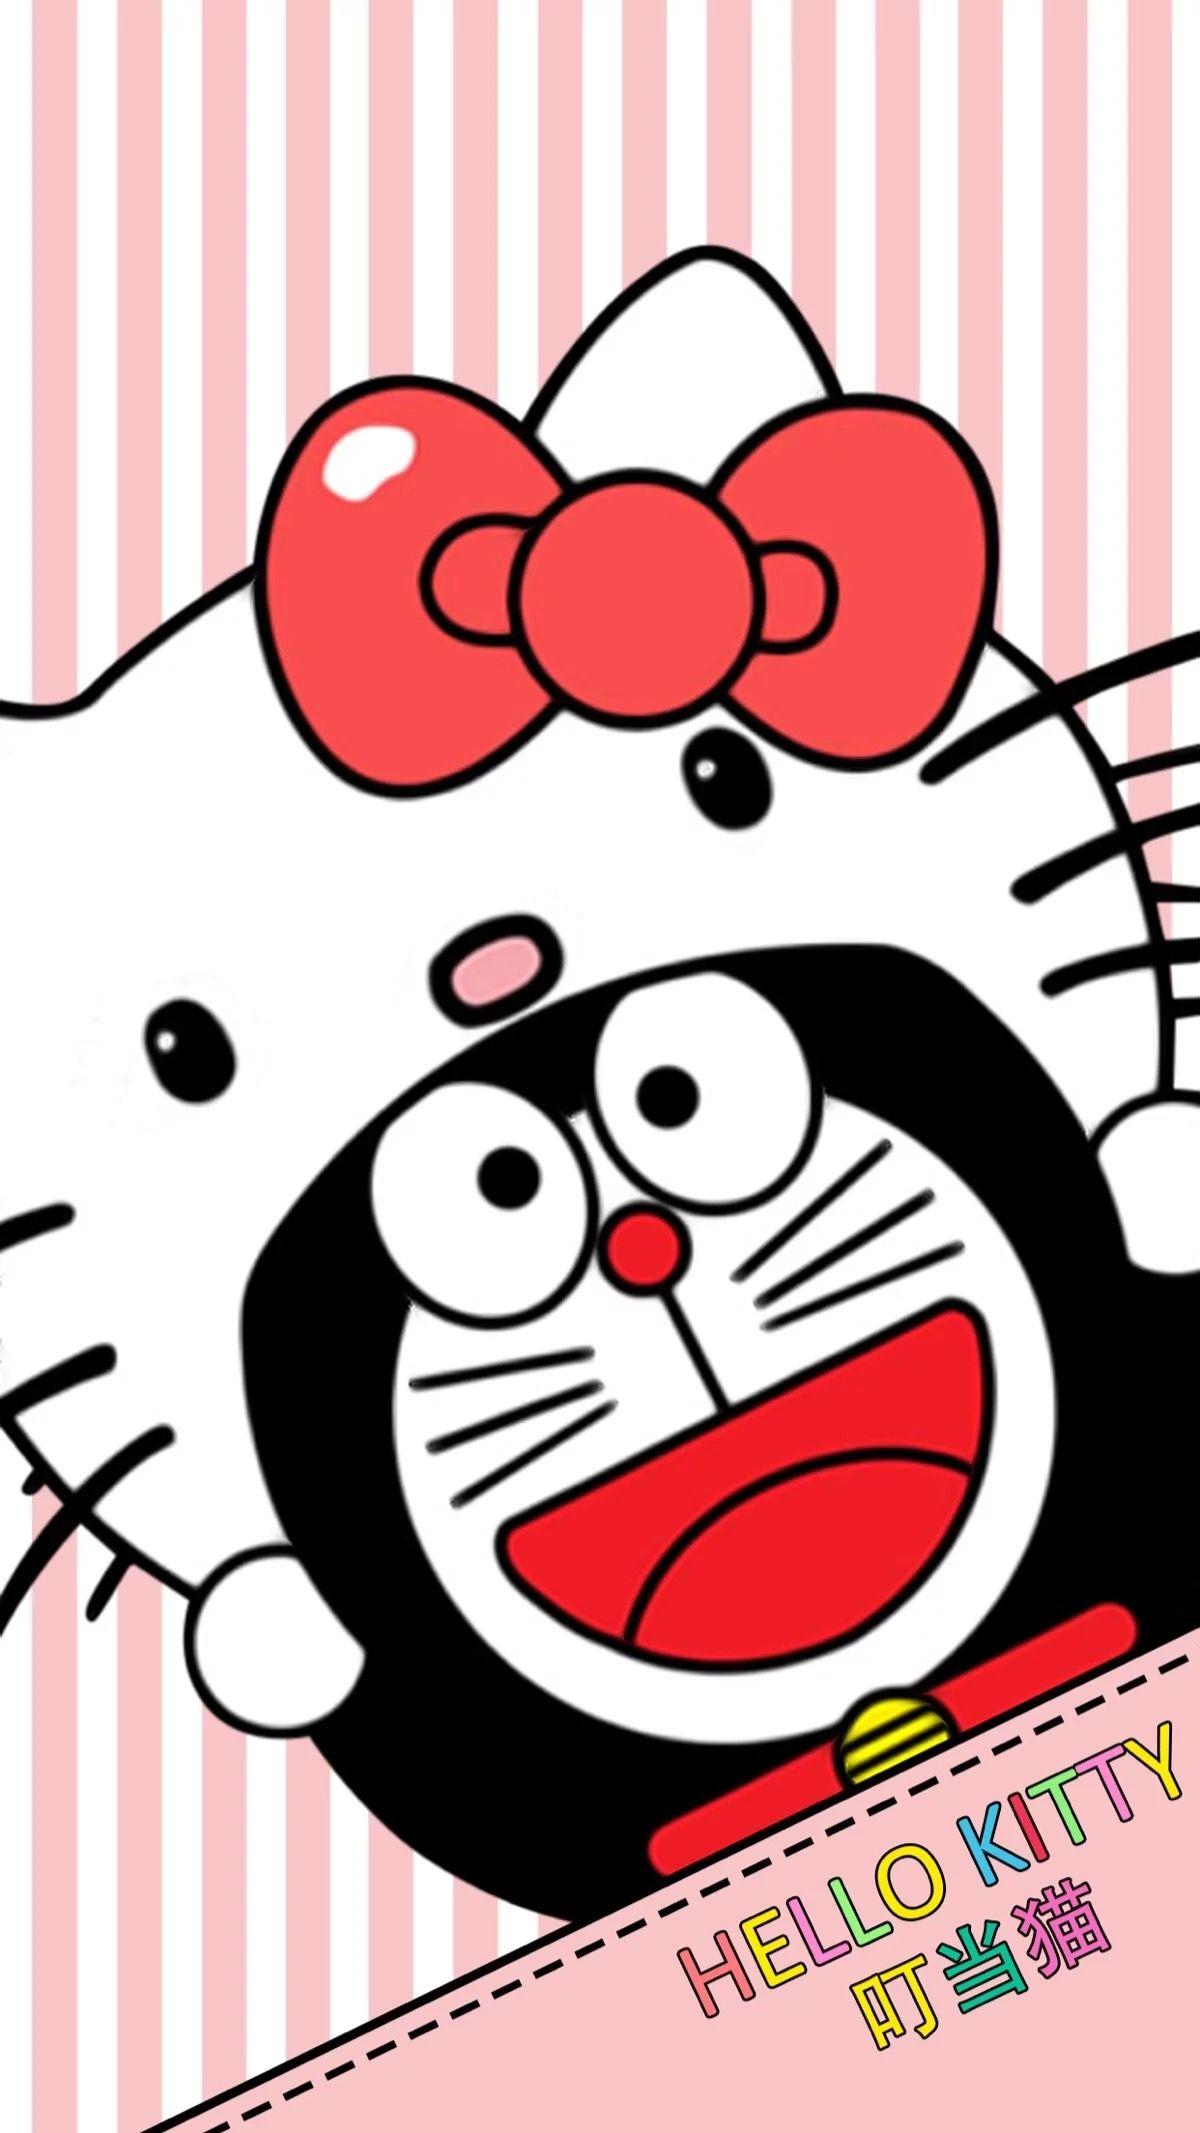 ปักพินโดย น้องเหวย คอนหวัน ใน Doraemon วอลเปเปอร์, แบค